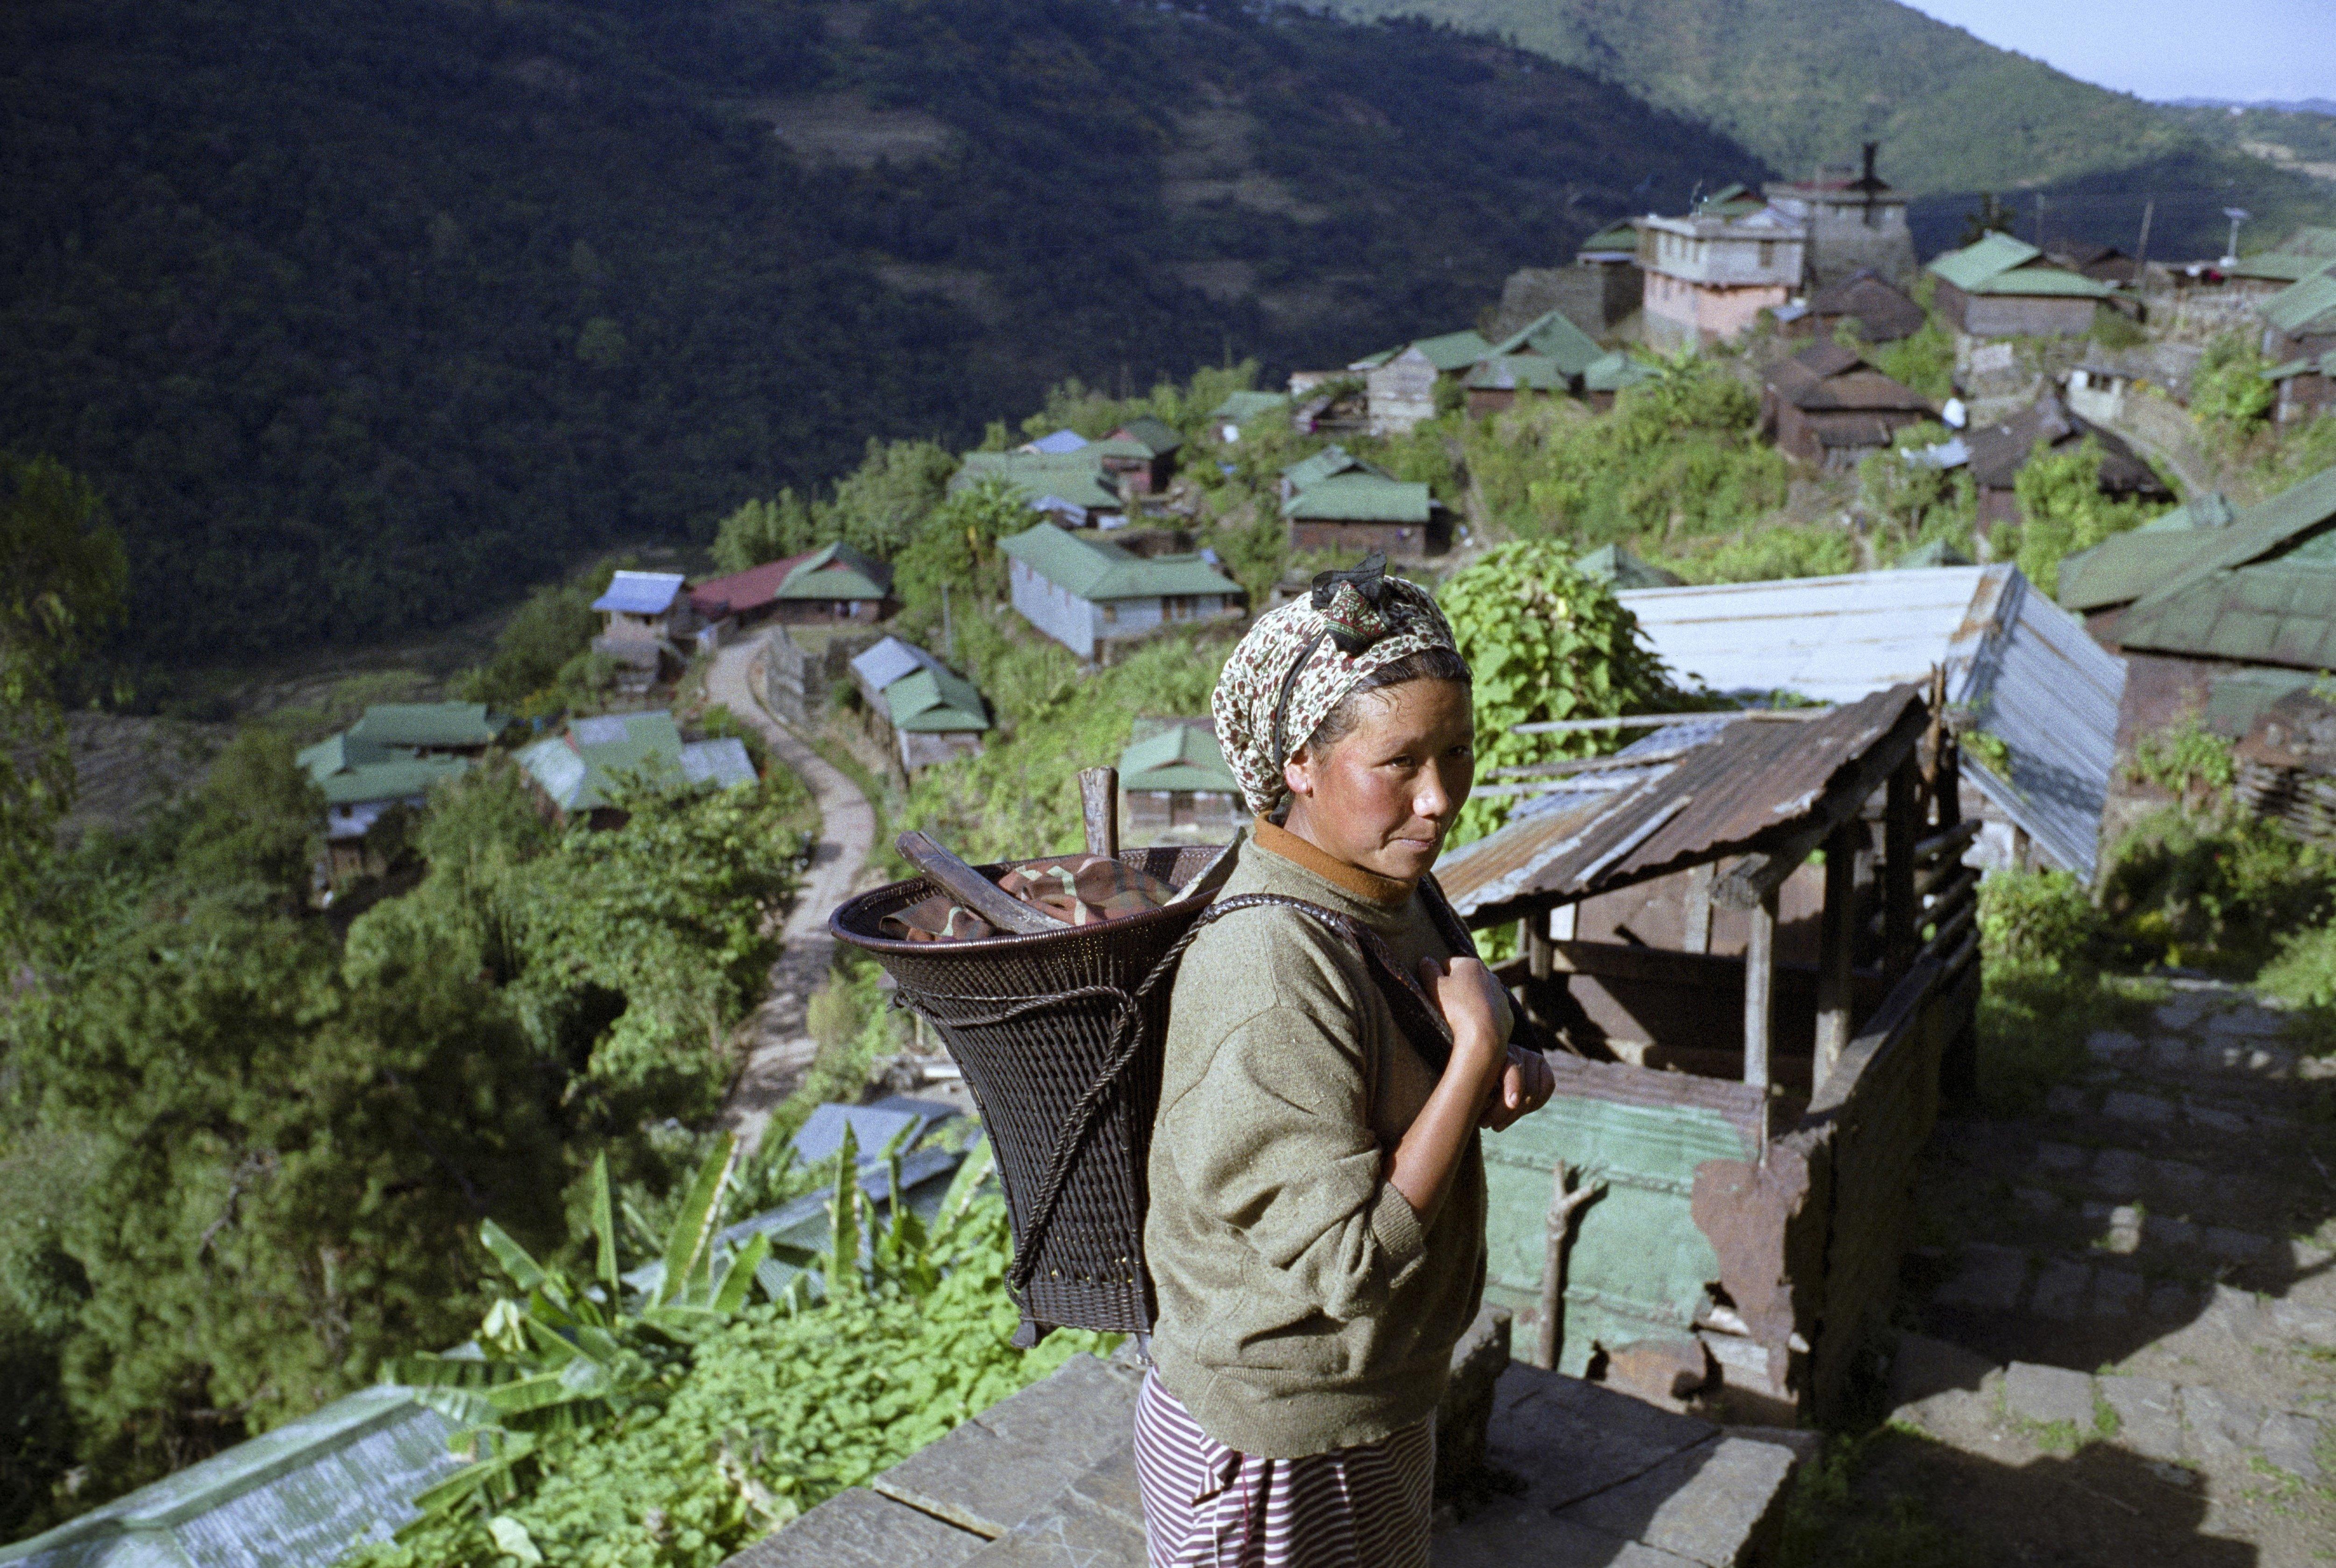 Μια φυλή στην Ασία θυσίασε ό,τι πιο ιερό στην παράδοση της για να προστατέψει το περιβάλλον που ζει